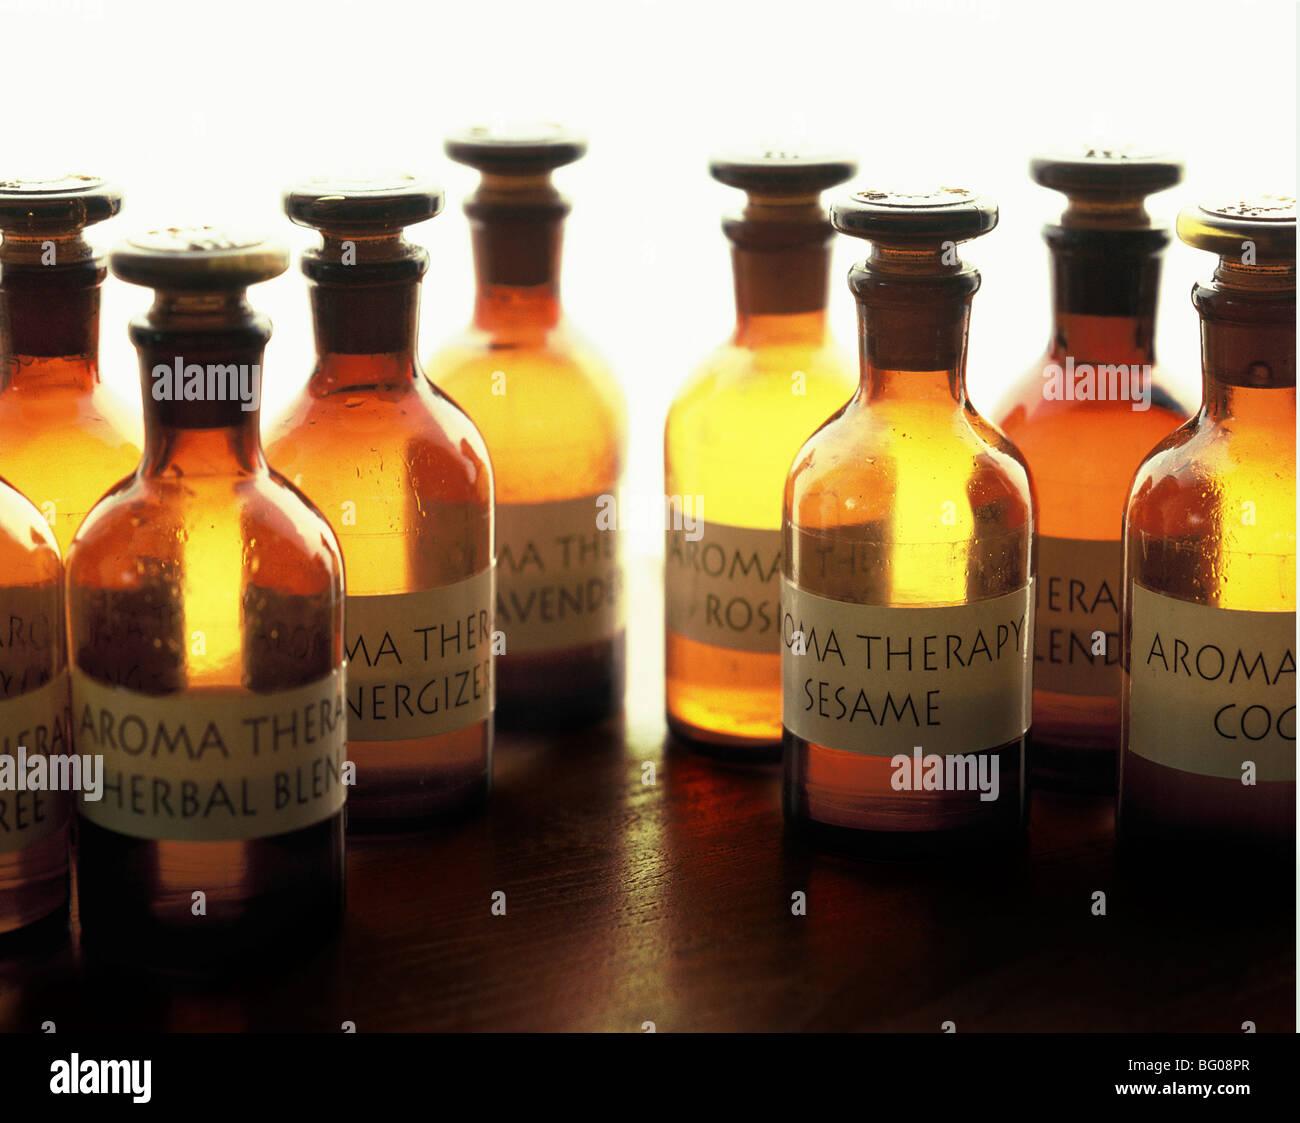 Aroma oil bottles - Stock Image